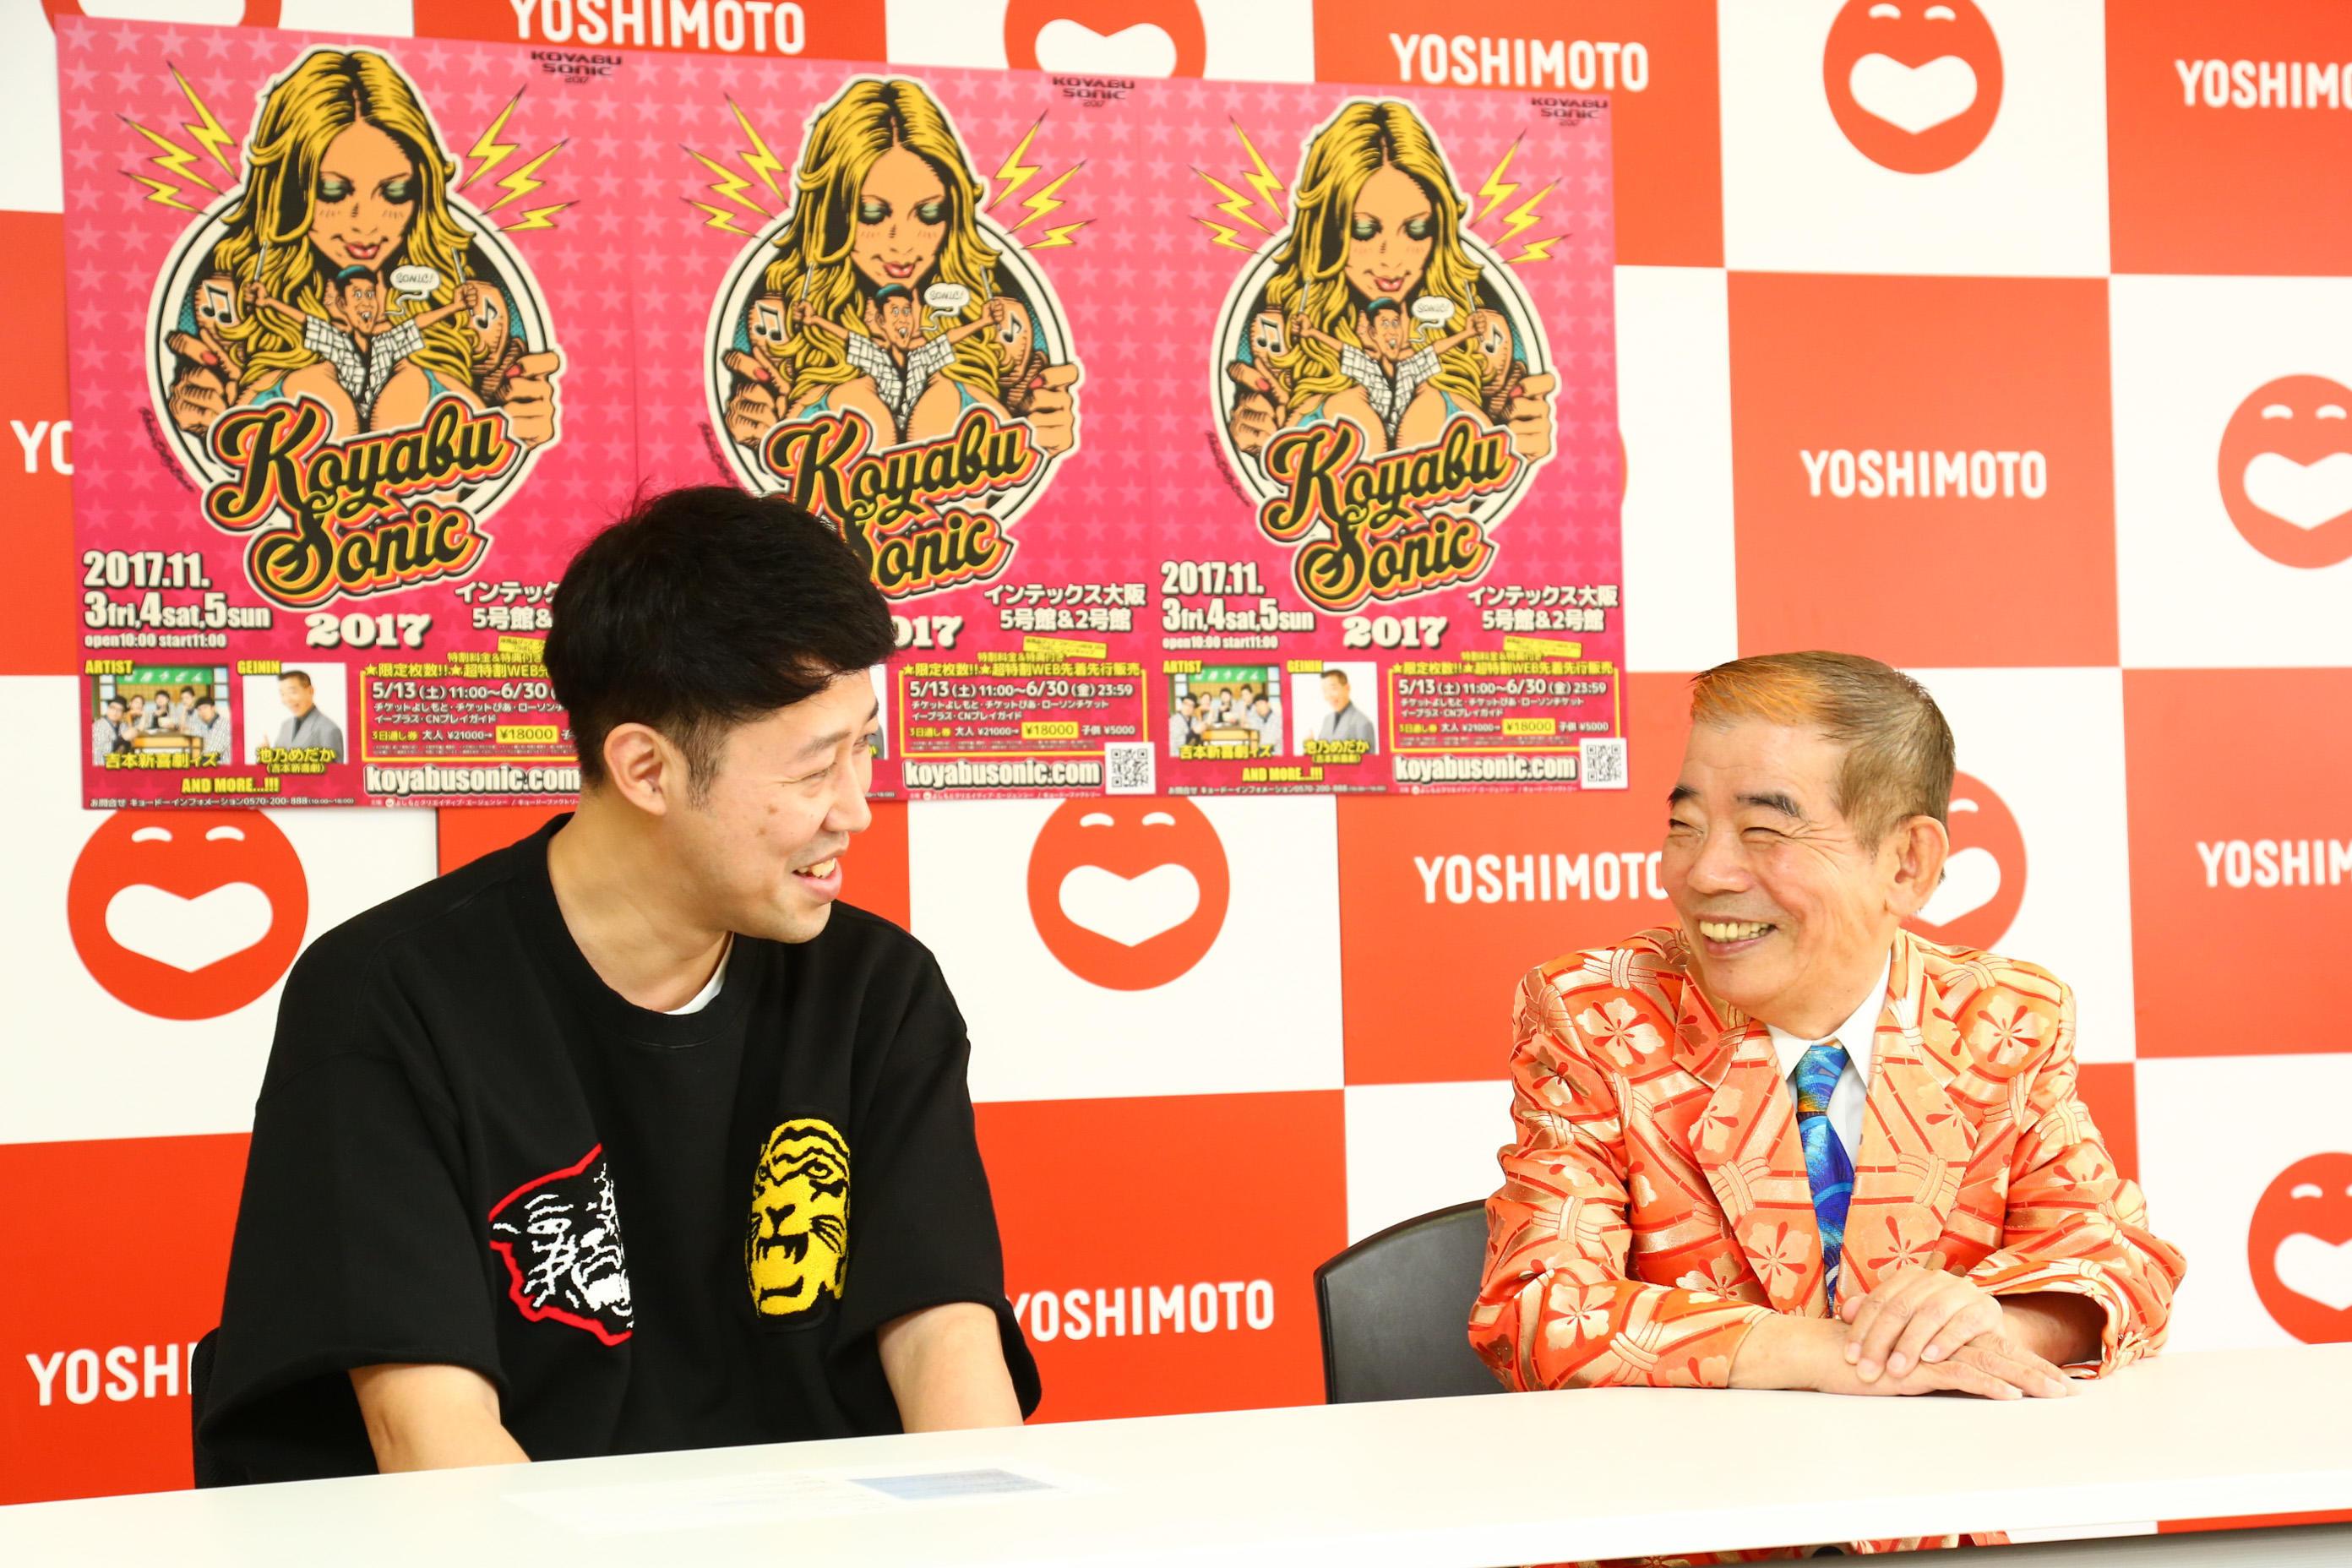 http://news.yoshimoto.co.jp/20170513032425-e72fb9e92fad38d6f93f7ce8613f343d994e67cf.jpg